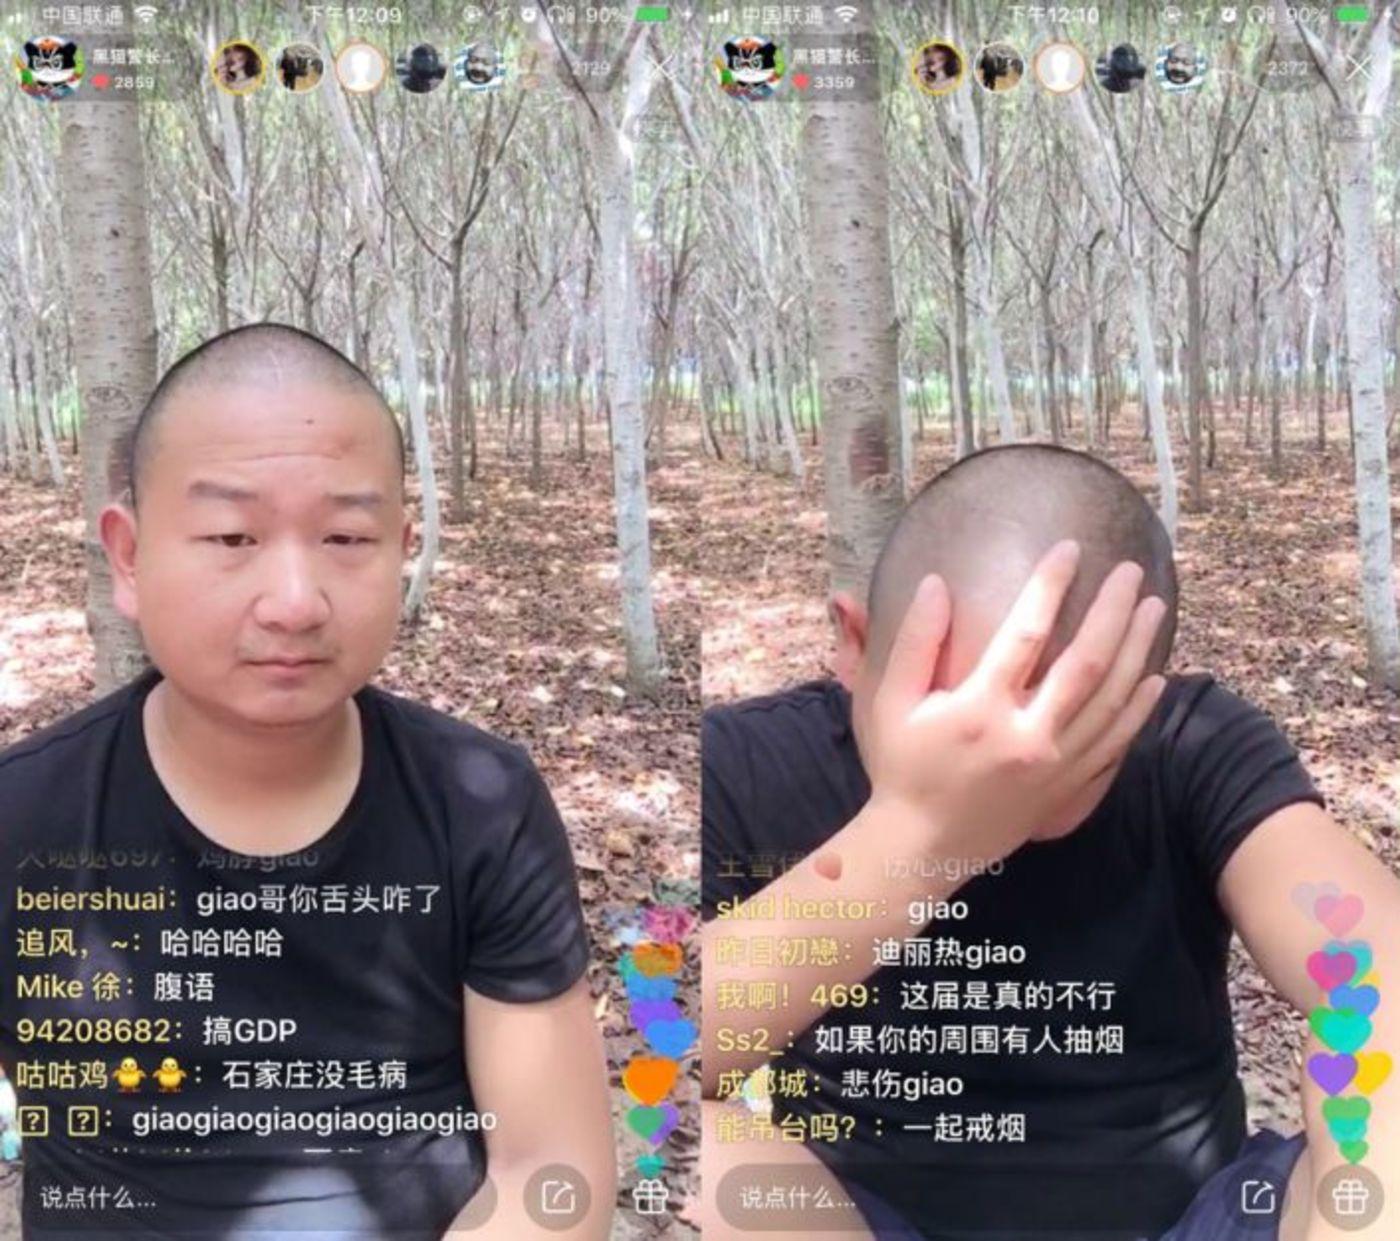 提到《中国新说唱》,giao哥是真的难过